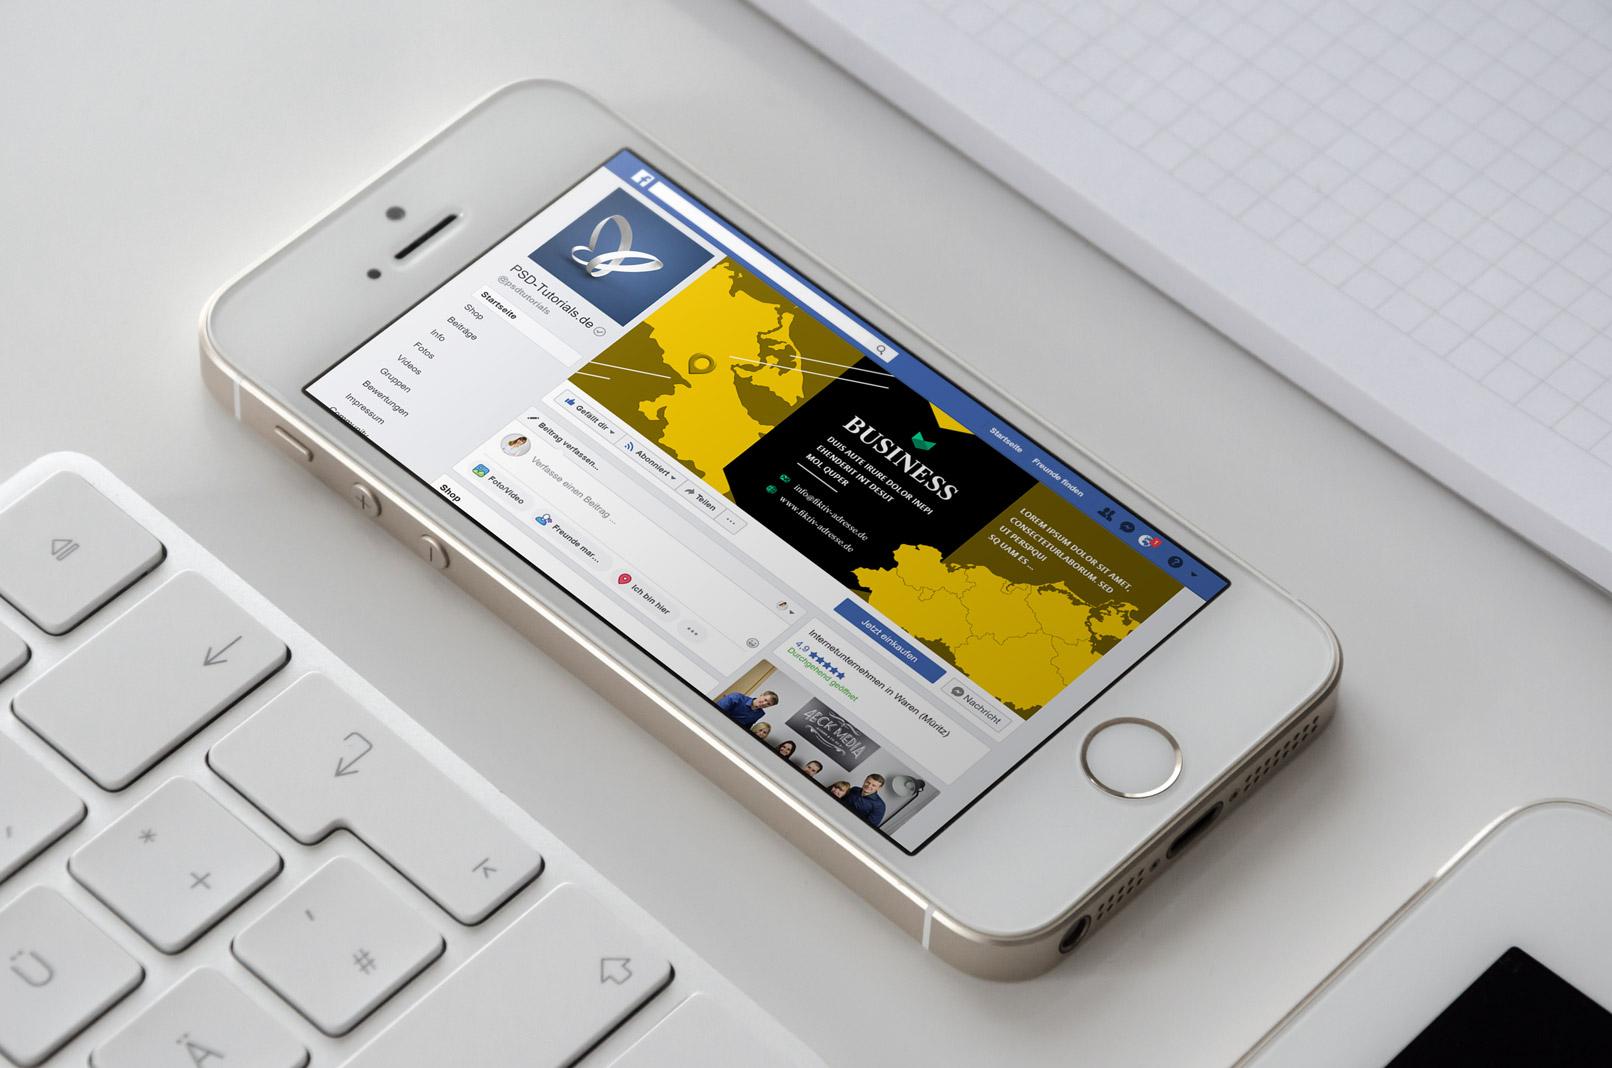 Smartphone mit Facebook-Seite mit der Landkarte von Mecklenburg-Vorpommern